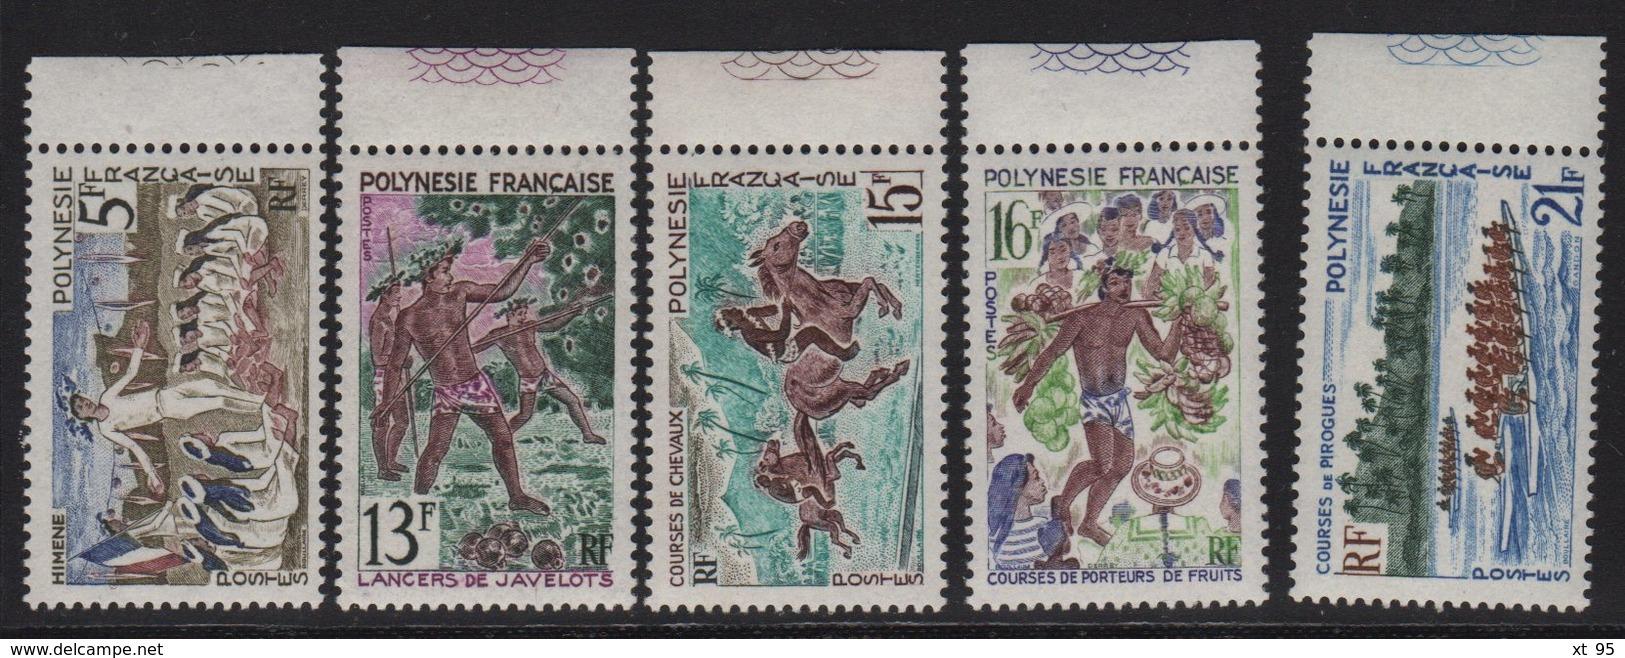 Polynesie - N°47 à N°51 - ** Neufs Sans Charniere - Fete De Juillet - Cote 26€ - French Polynesia